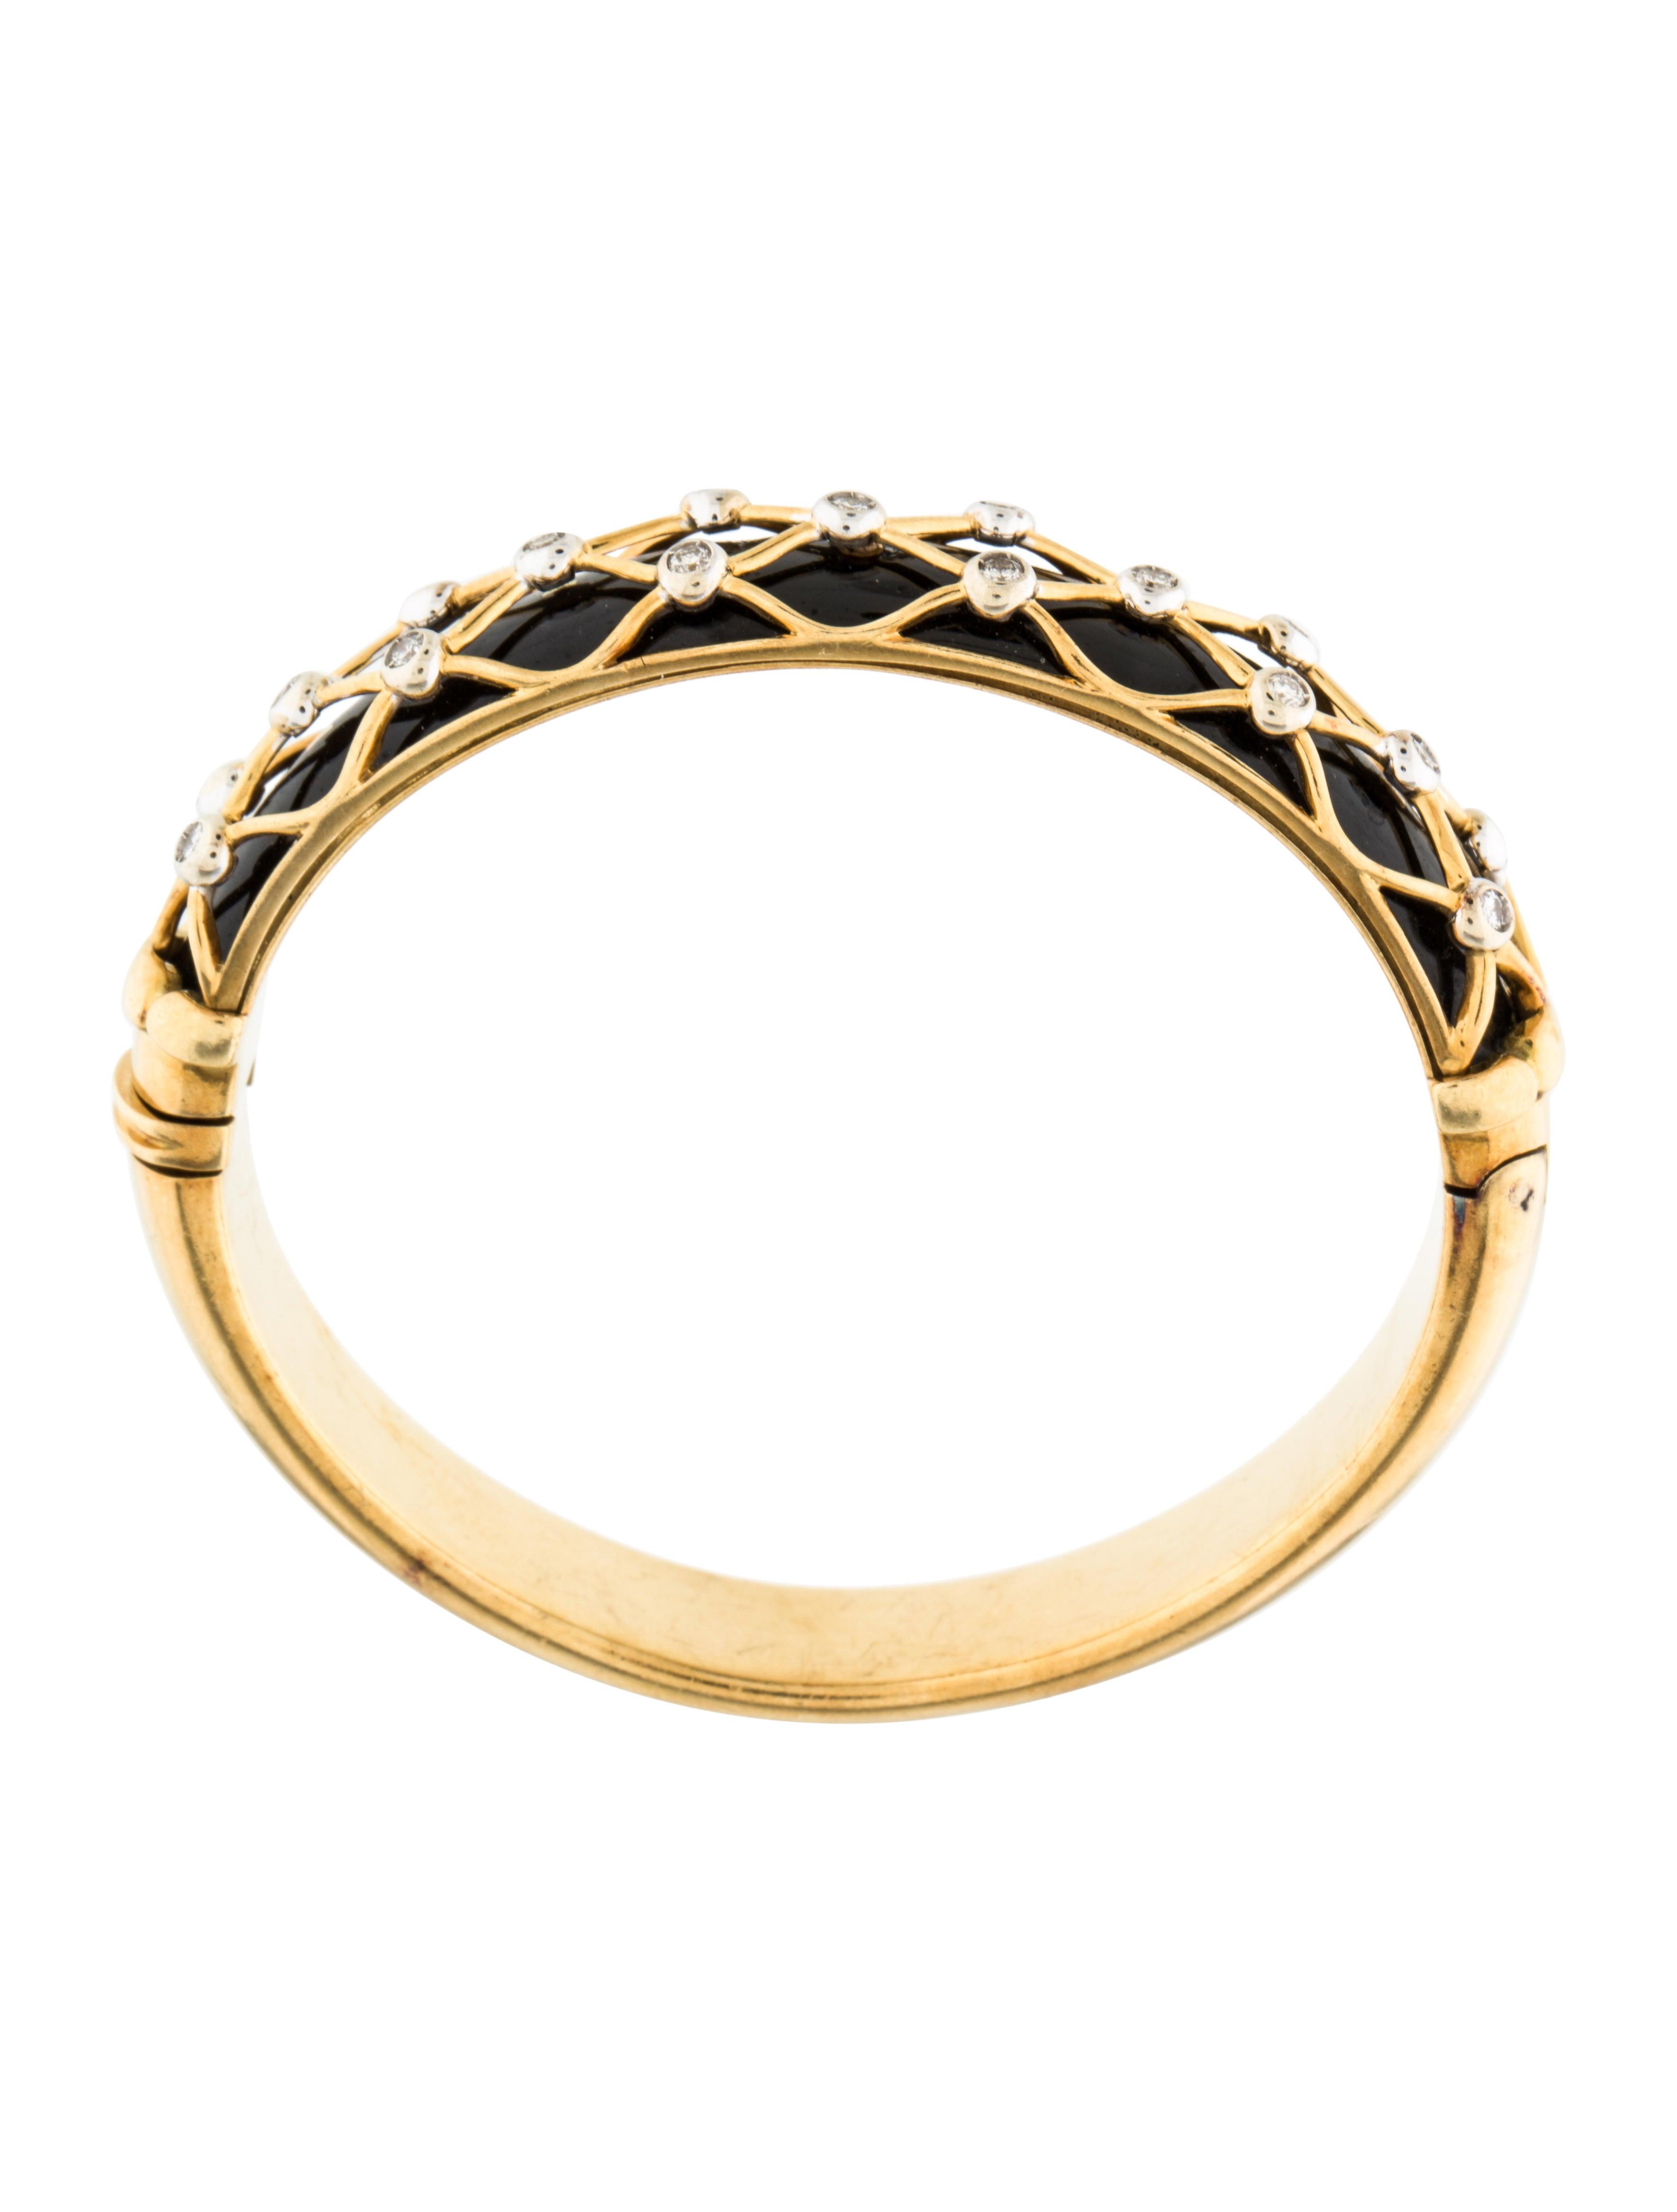 18k diamond enamel bangle bracelet bracelets. Black Bedroom Furniture Sets. Home Design Ideas